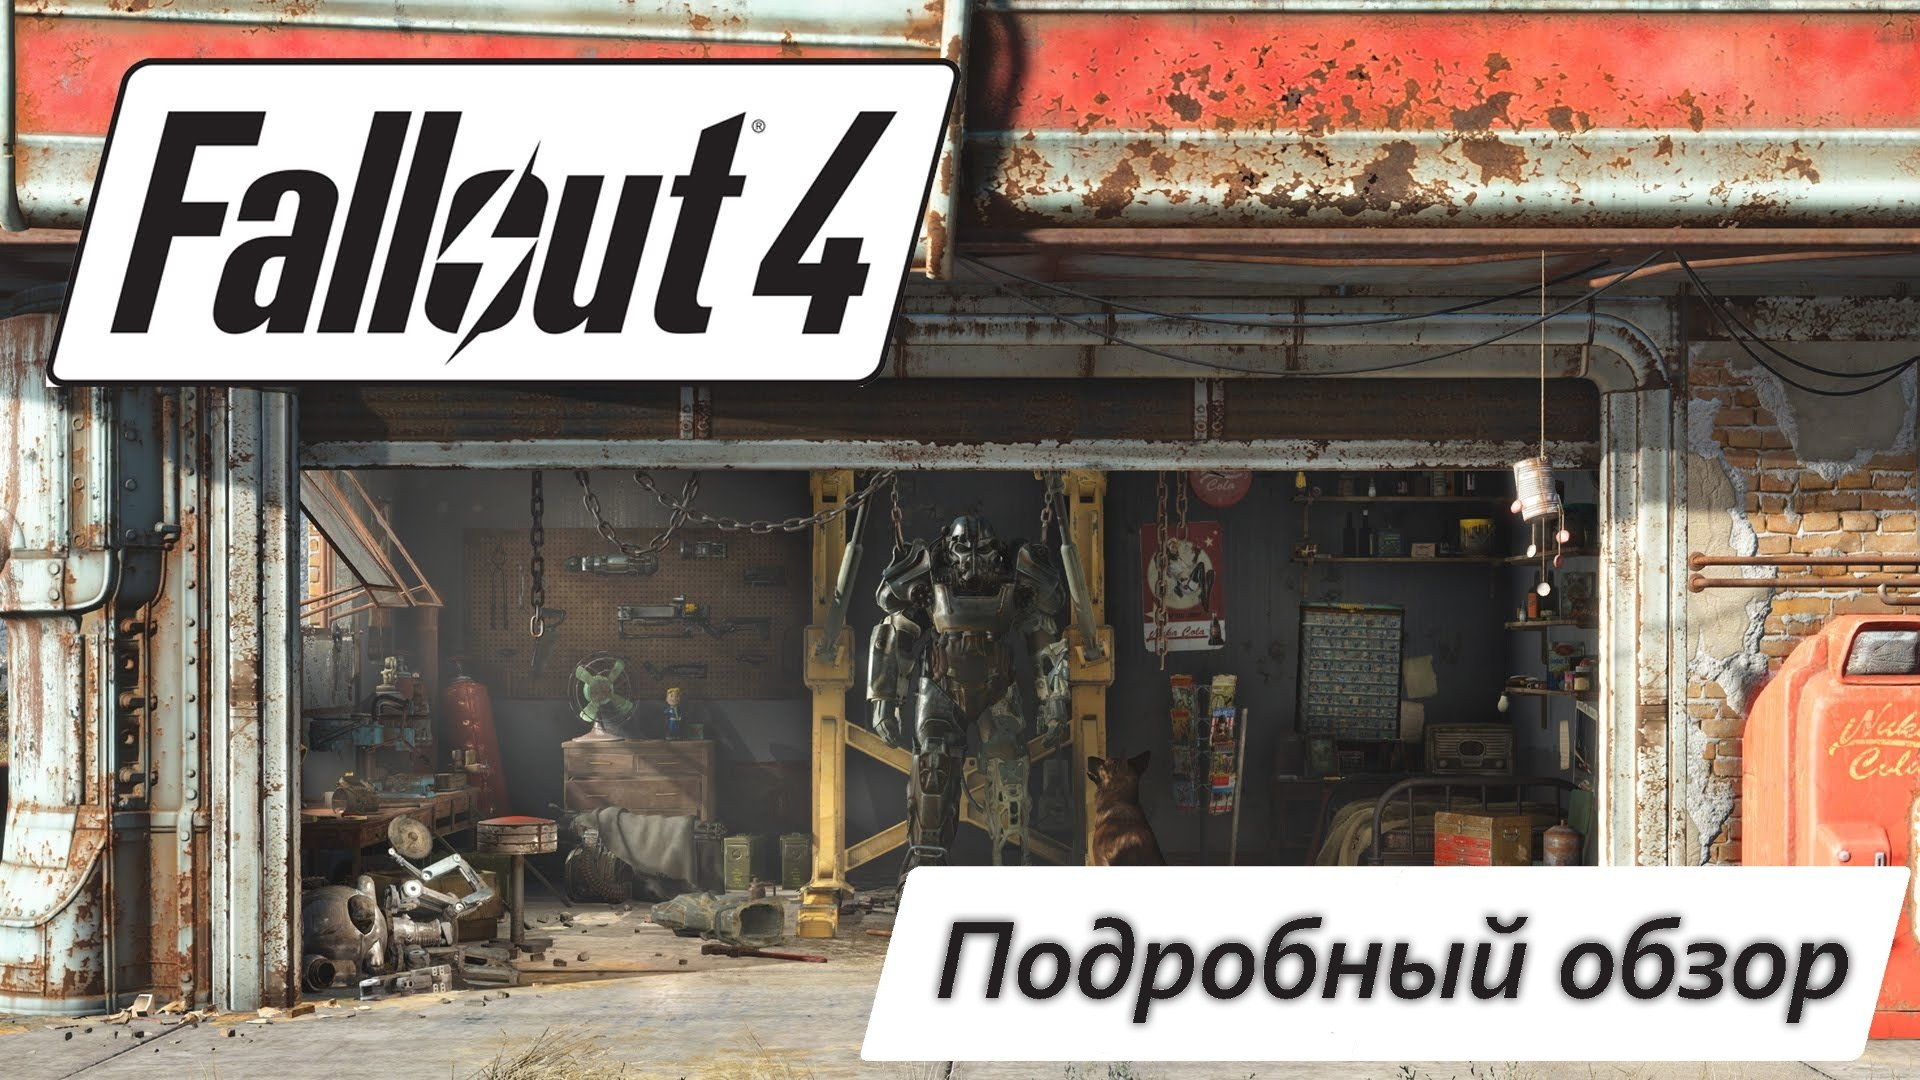 Подробный обзор Fallout 4. - Изображение 1